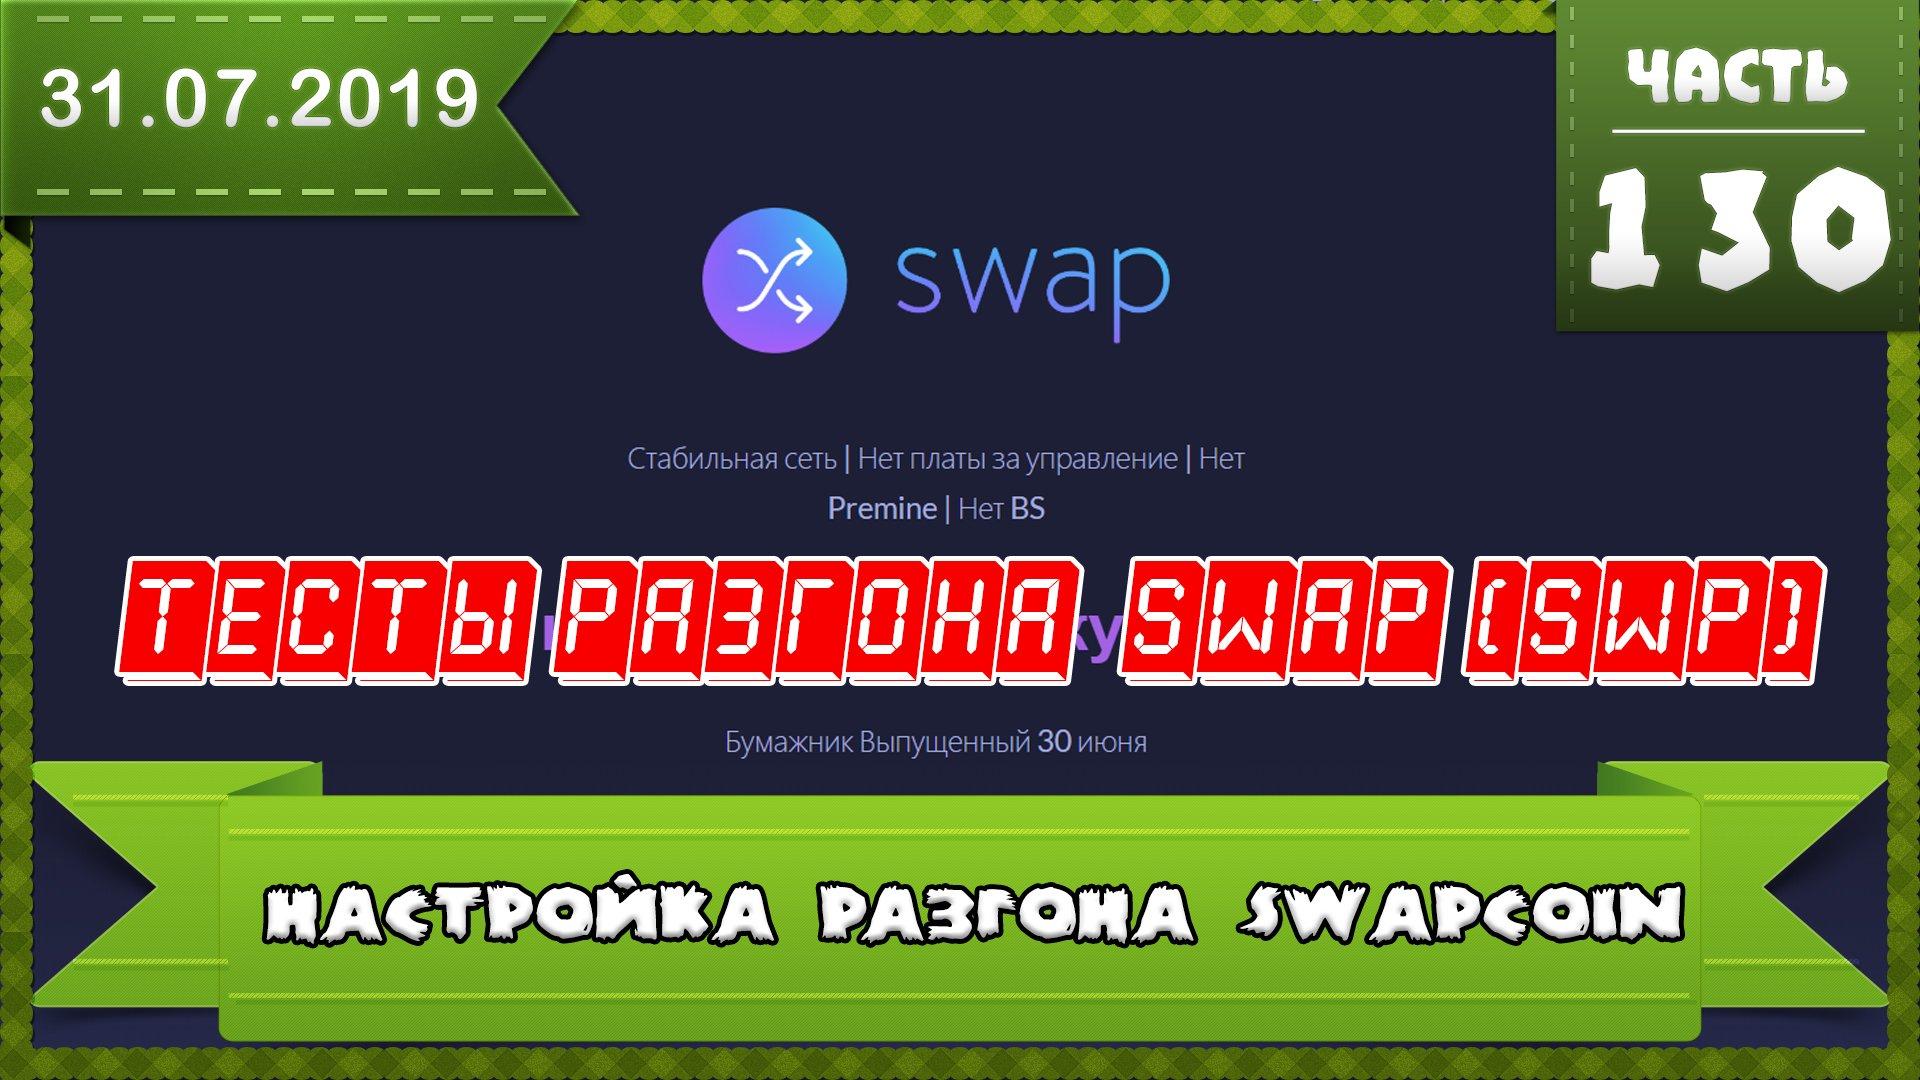 SWAP coin как майнить SWP, как настроить майнинг, какой майнинг пул выбрать, где продавать SWAP